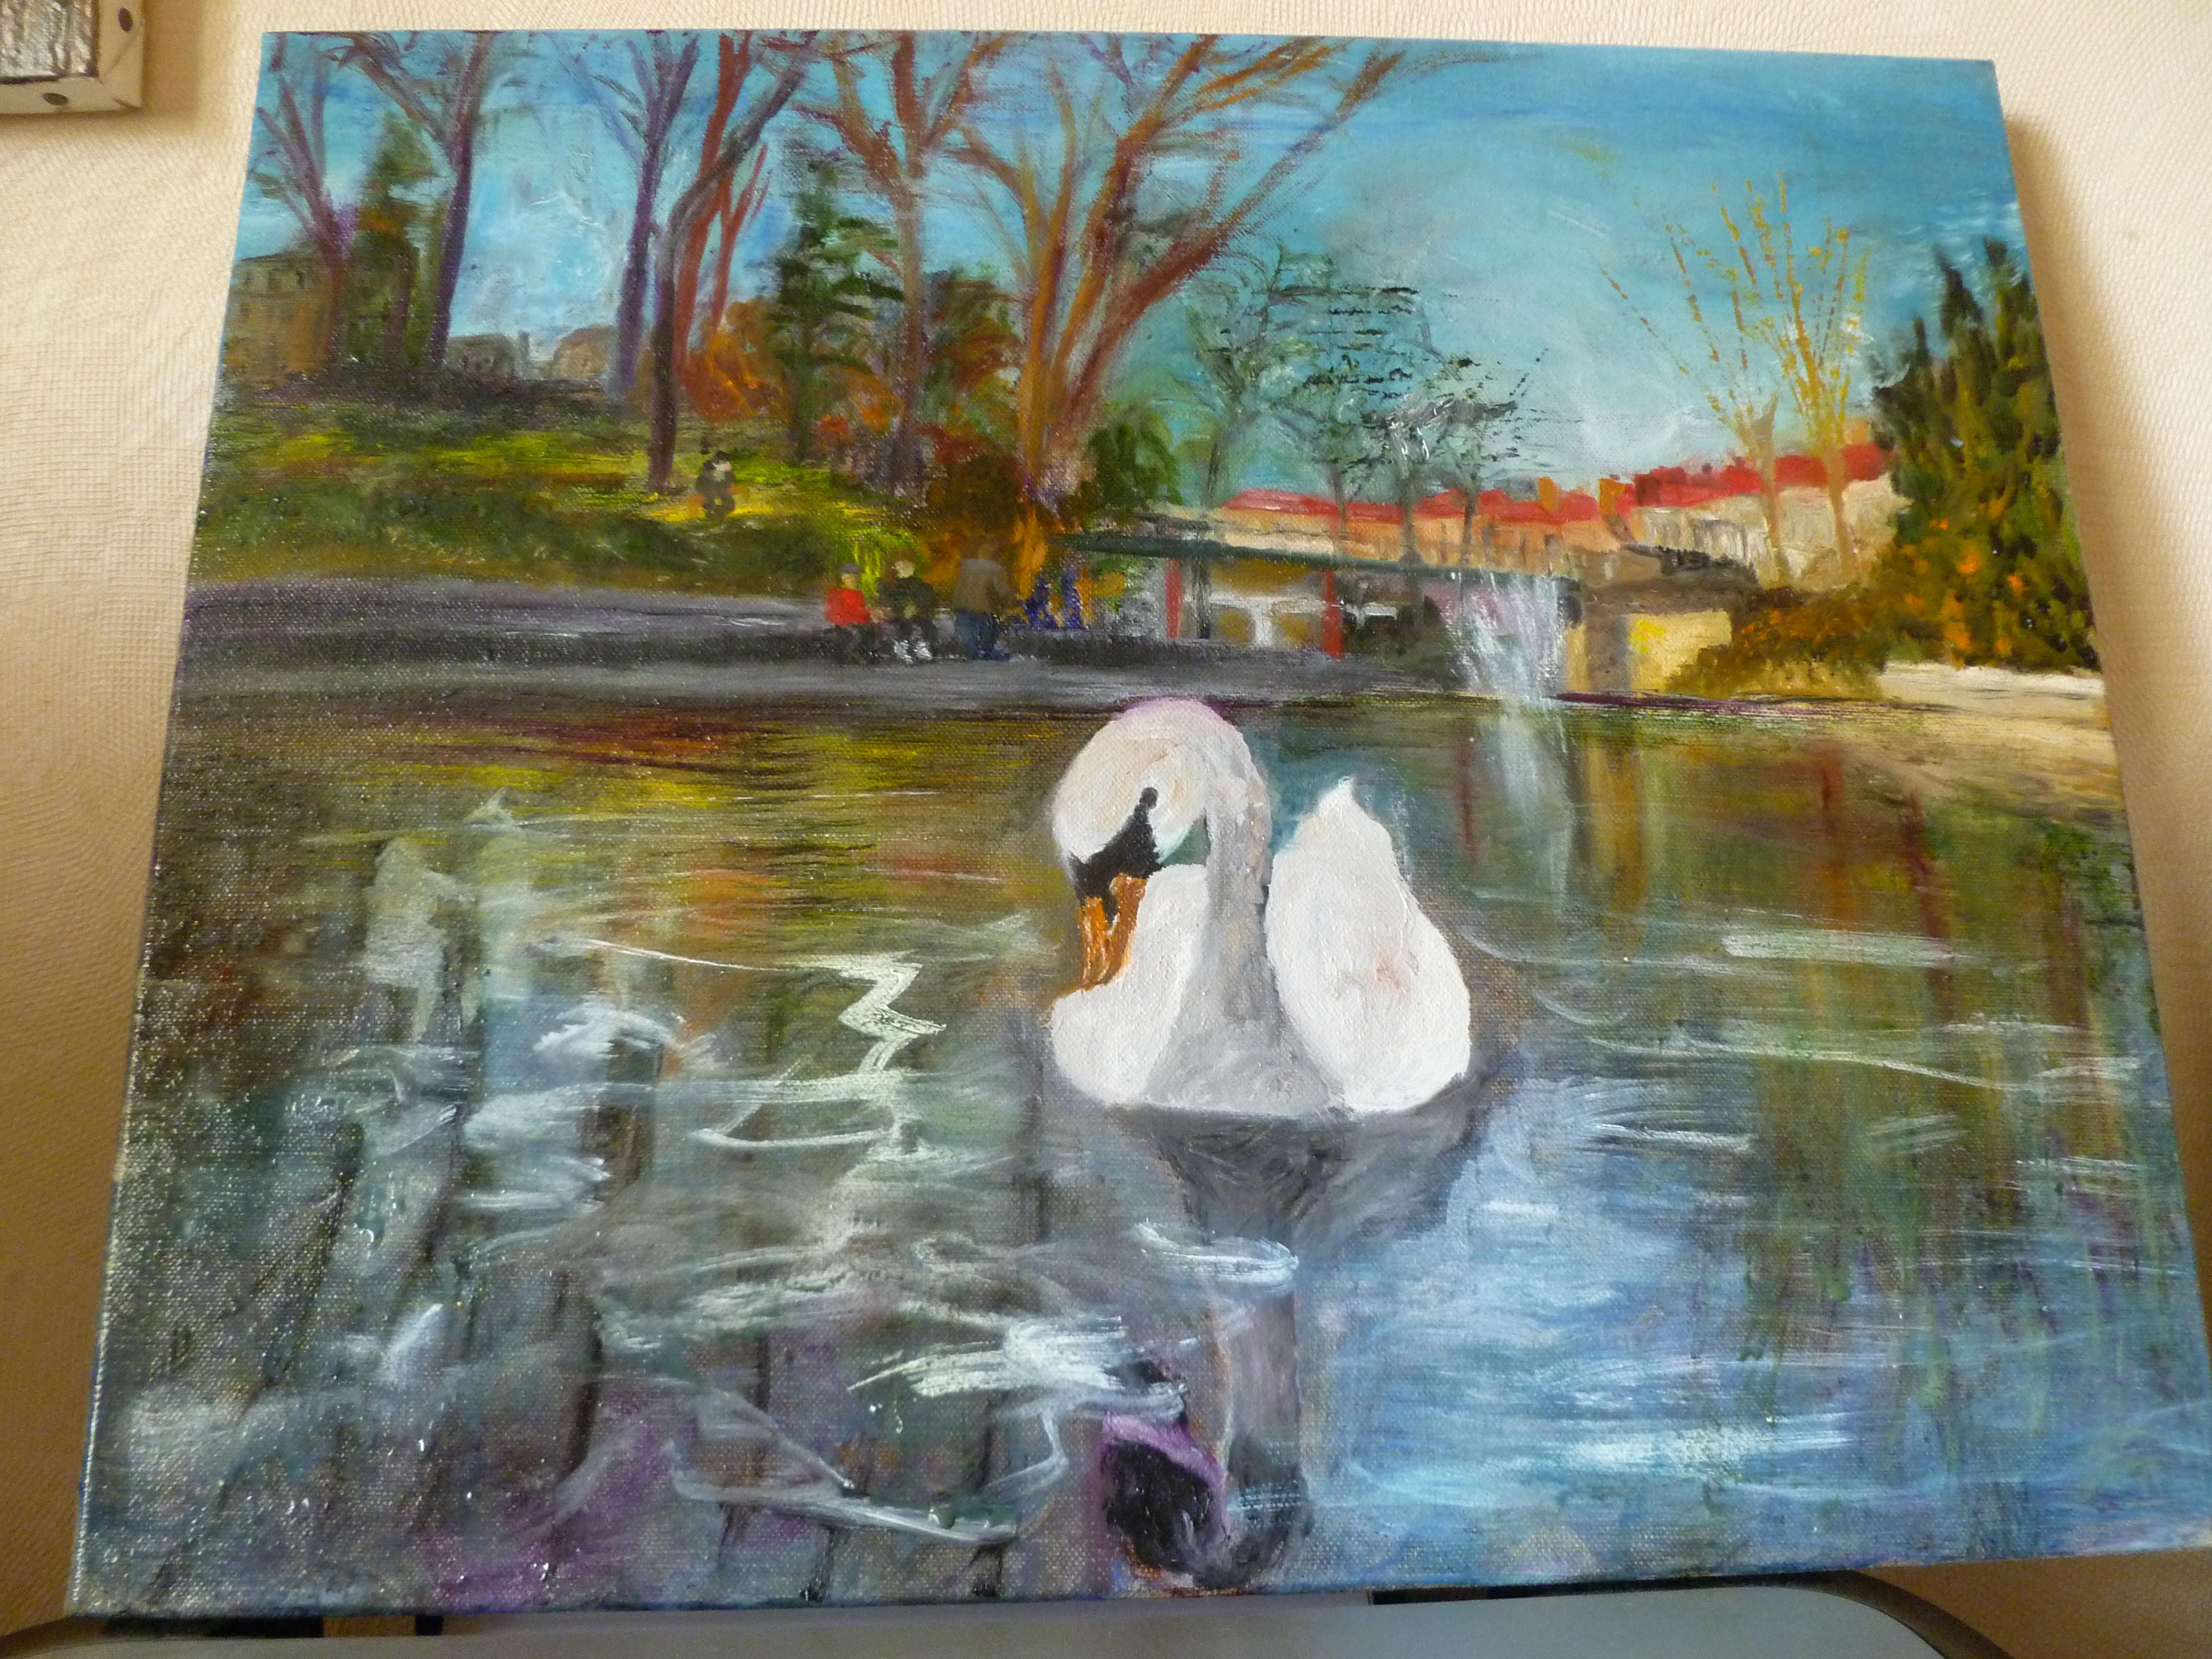 Peindre les transparences et reflets dans l eau artiste - Peindre sur de la peinture brillante ...